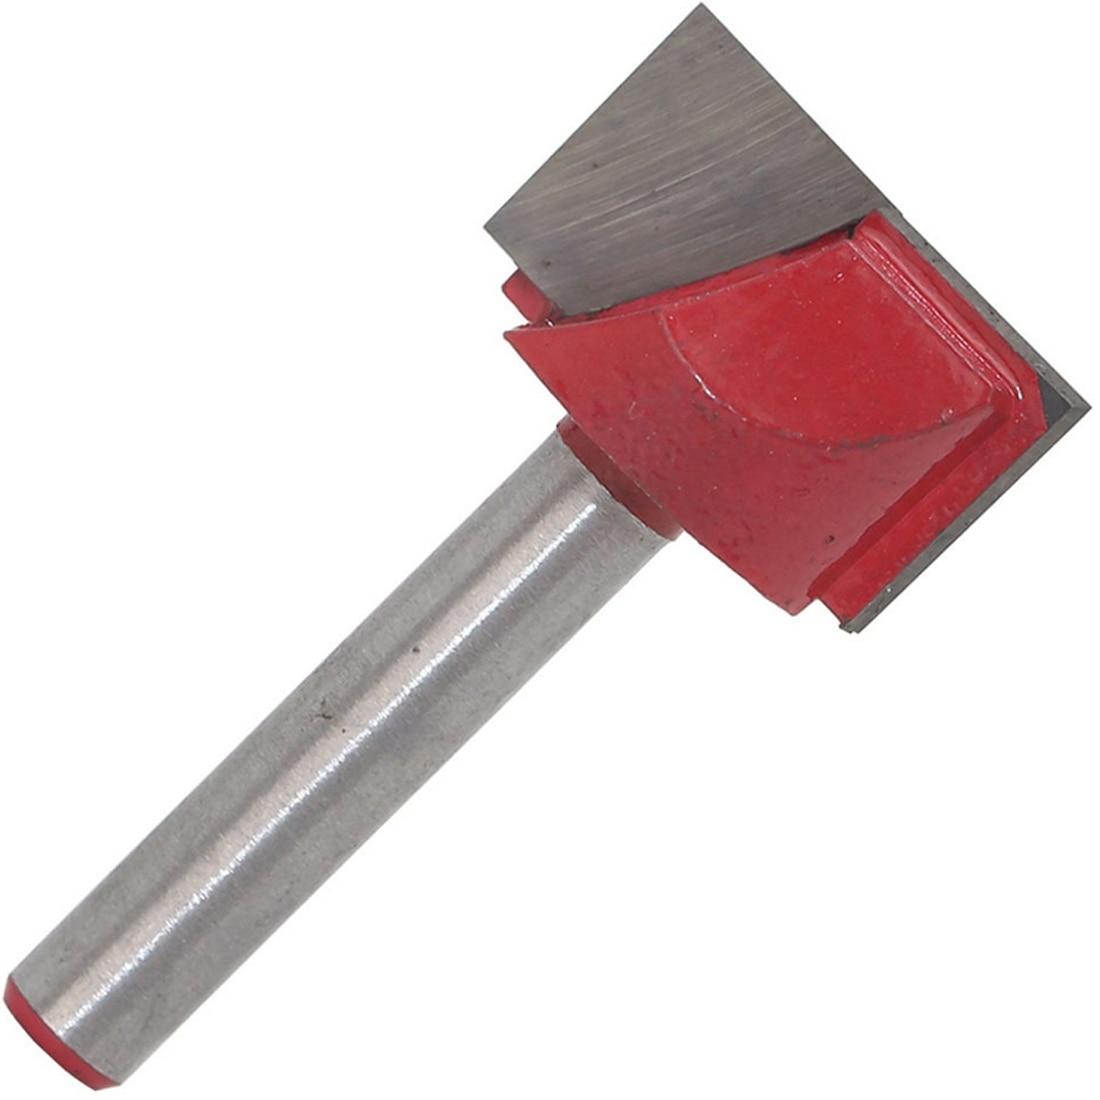 6 мм хвостовик резец по дереву гравировальный Нож хвостовик фрезы Фрезы для резки древесины для мельницы Деревообрабатывающие инструменты 10 мм-32 мм